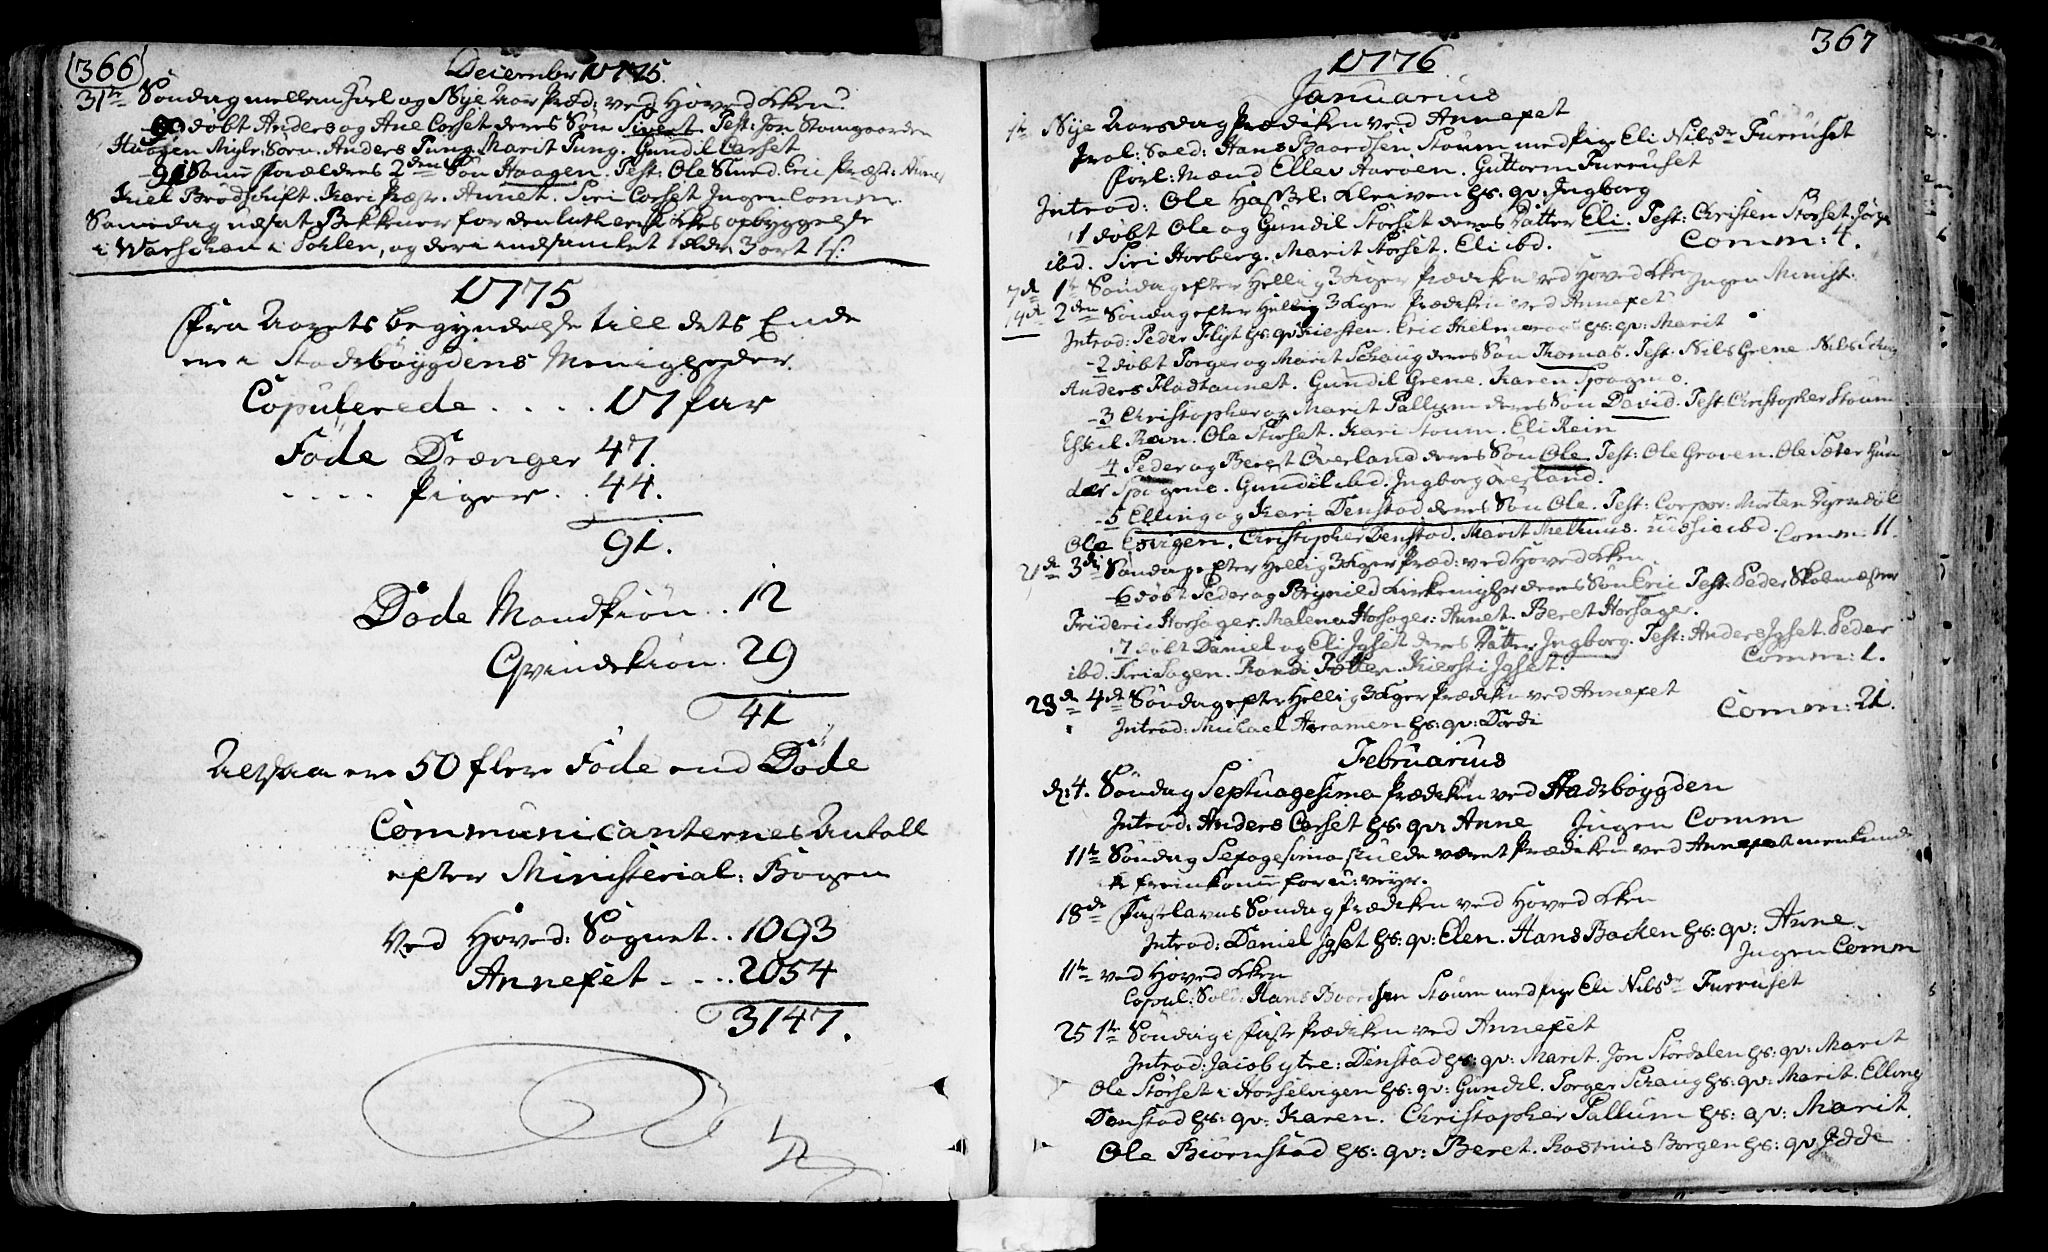 SAT, Ministerialprotokoller, klokkerbøker og fødselsregistre - Sør-Trøndelag, 646/L0605: Ministerialbok nr. 646A03, 1751-1790, s. 366-367